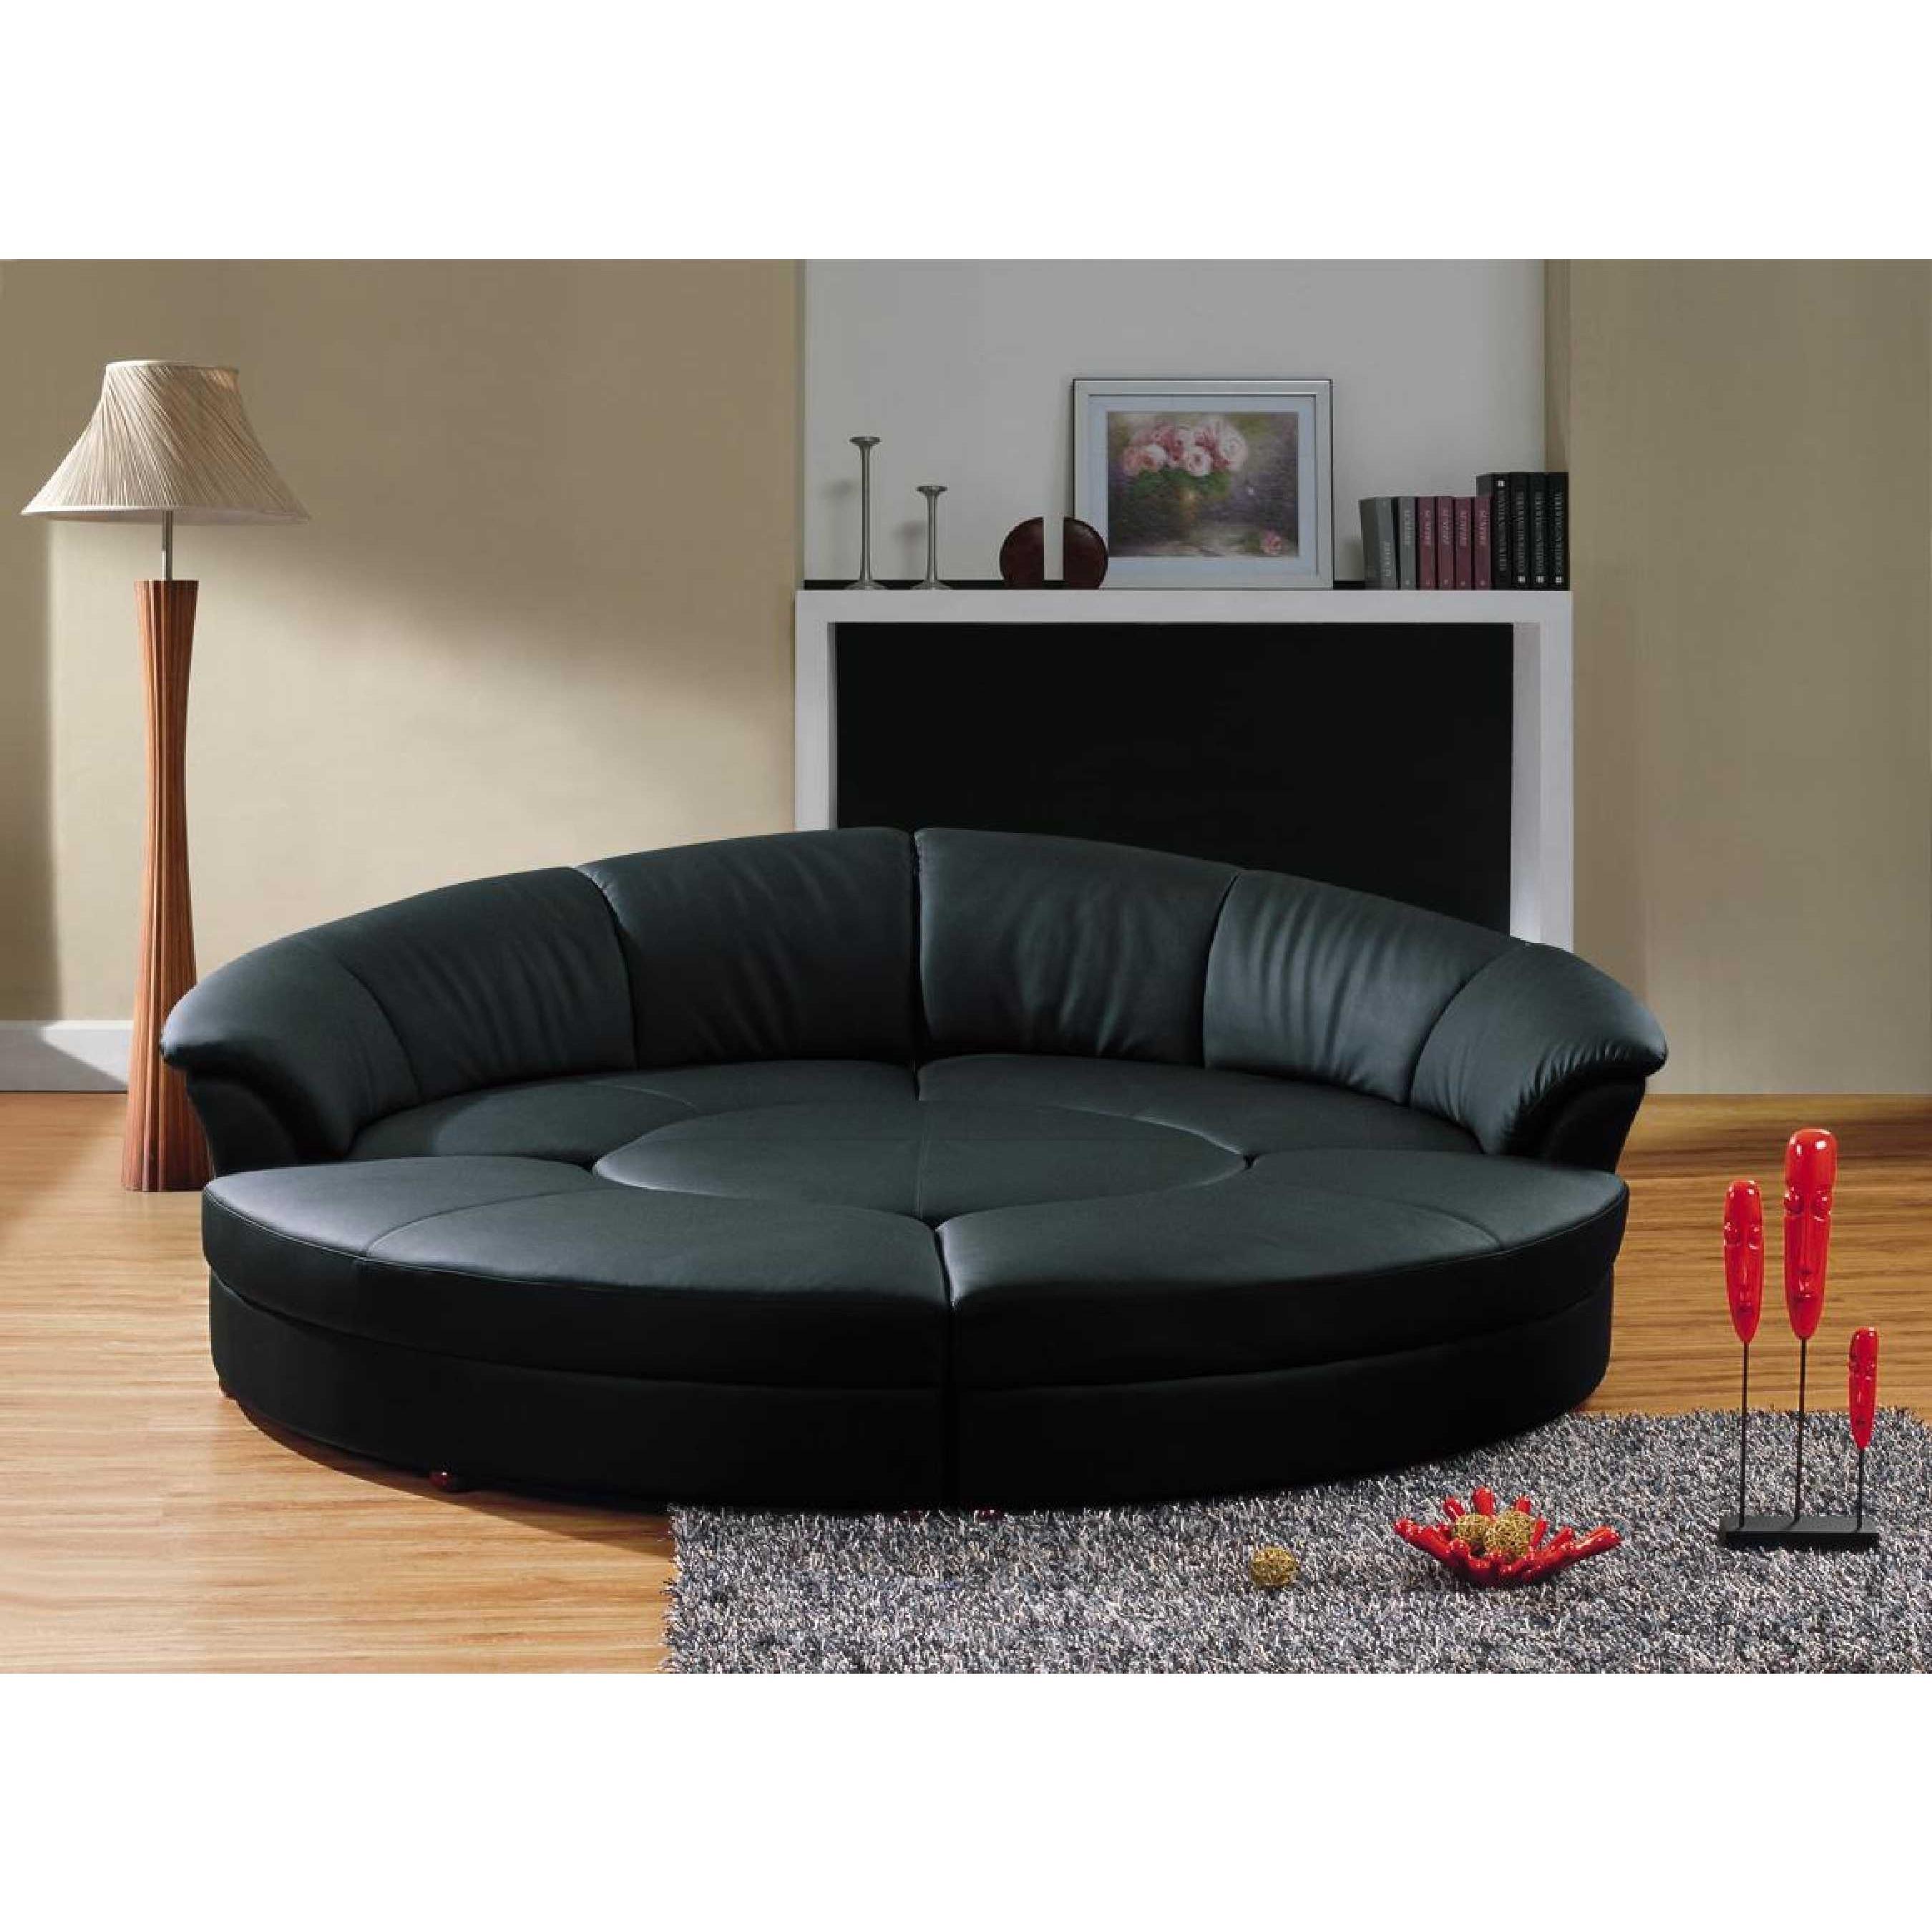 Sofas Center : Leather Futon Sofa Fascinating Photos Inspirations Regarding Leather Fouton Sofas (Image 20 of 20)